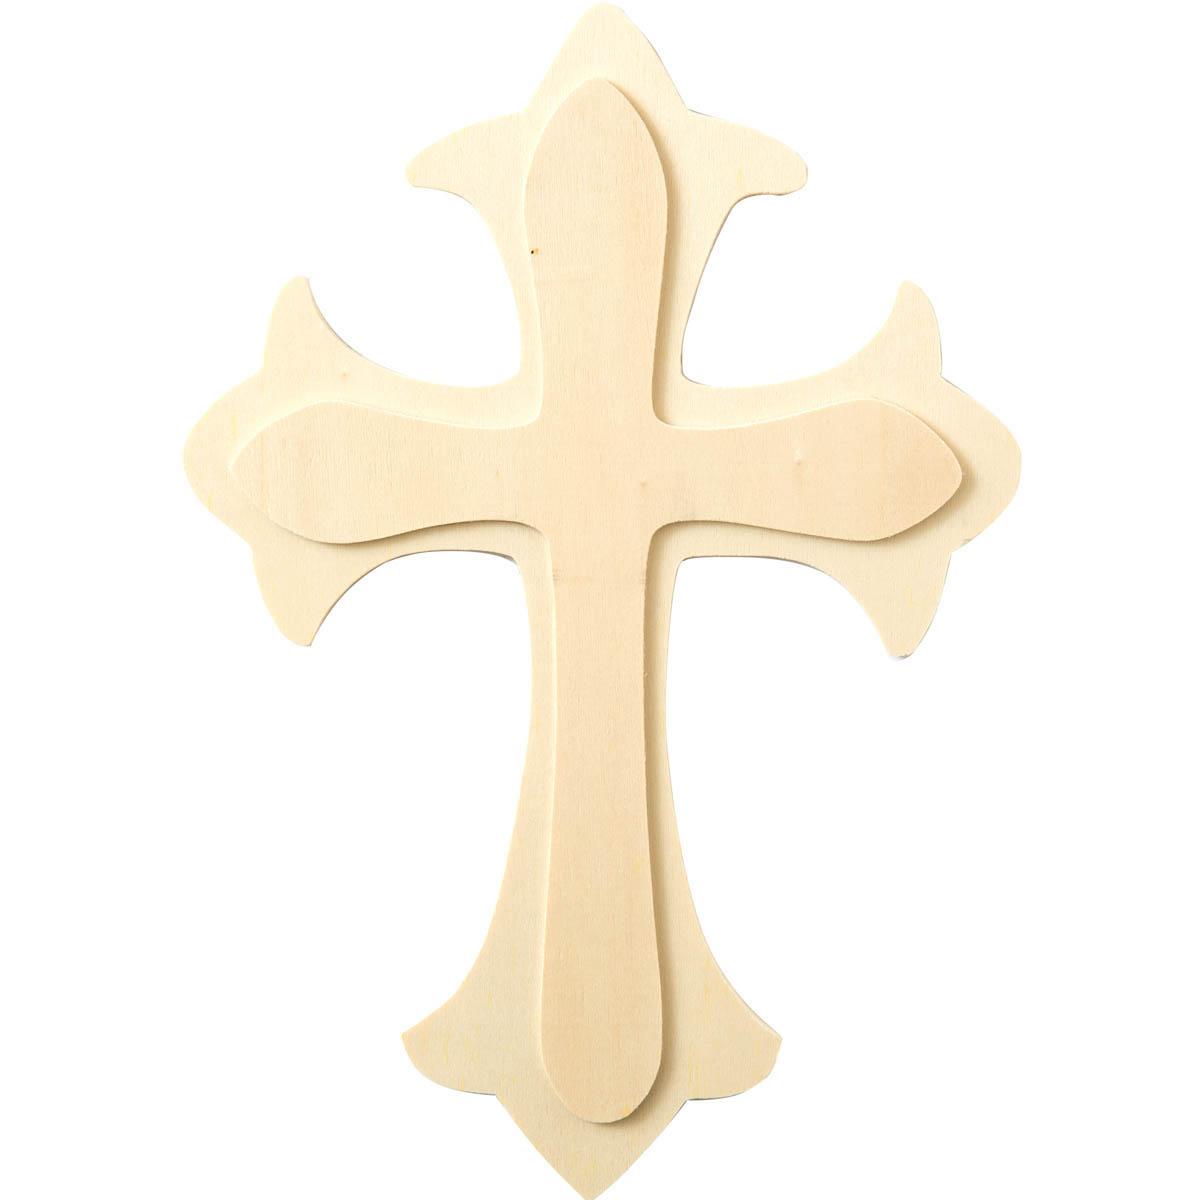 Plaid ® Wood Surfaces - Shape - Large Fleur De Lis Cross